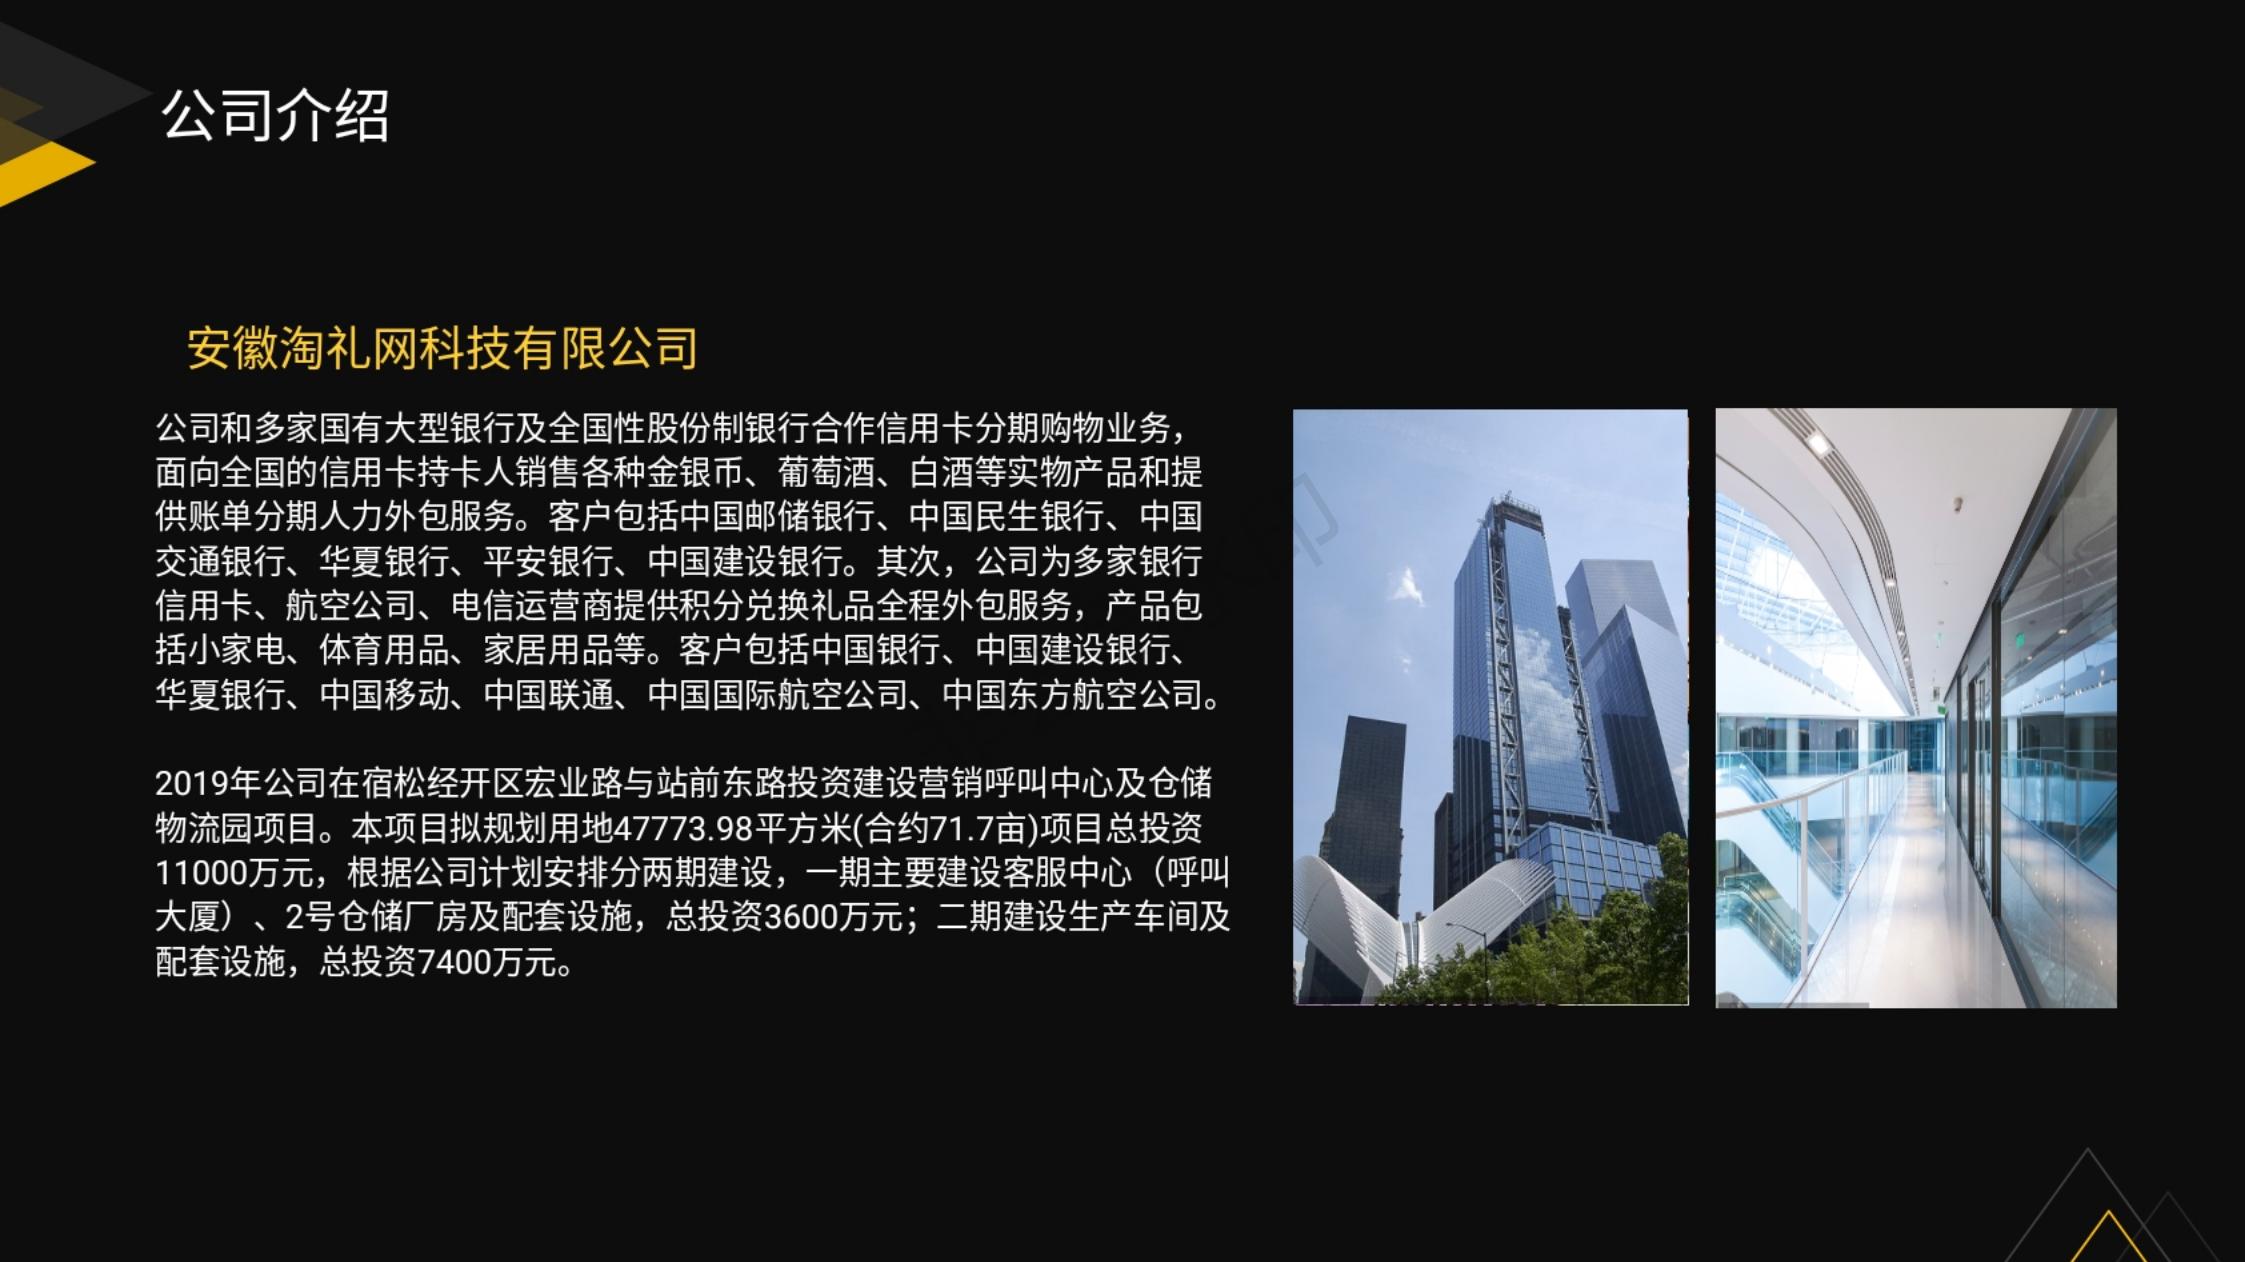 安徽淘礼网科技有限公司官网与9.10日正式上线!